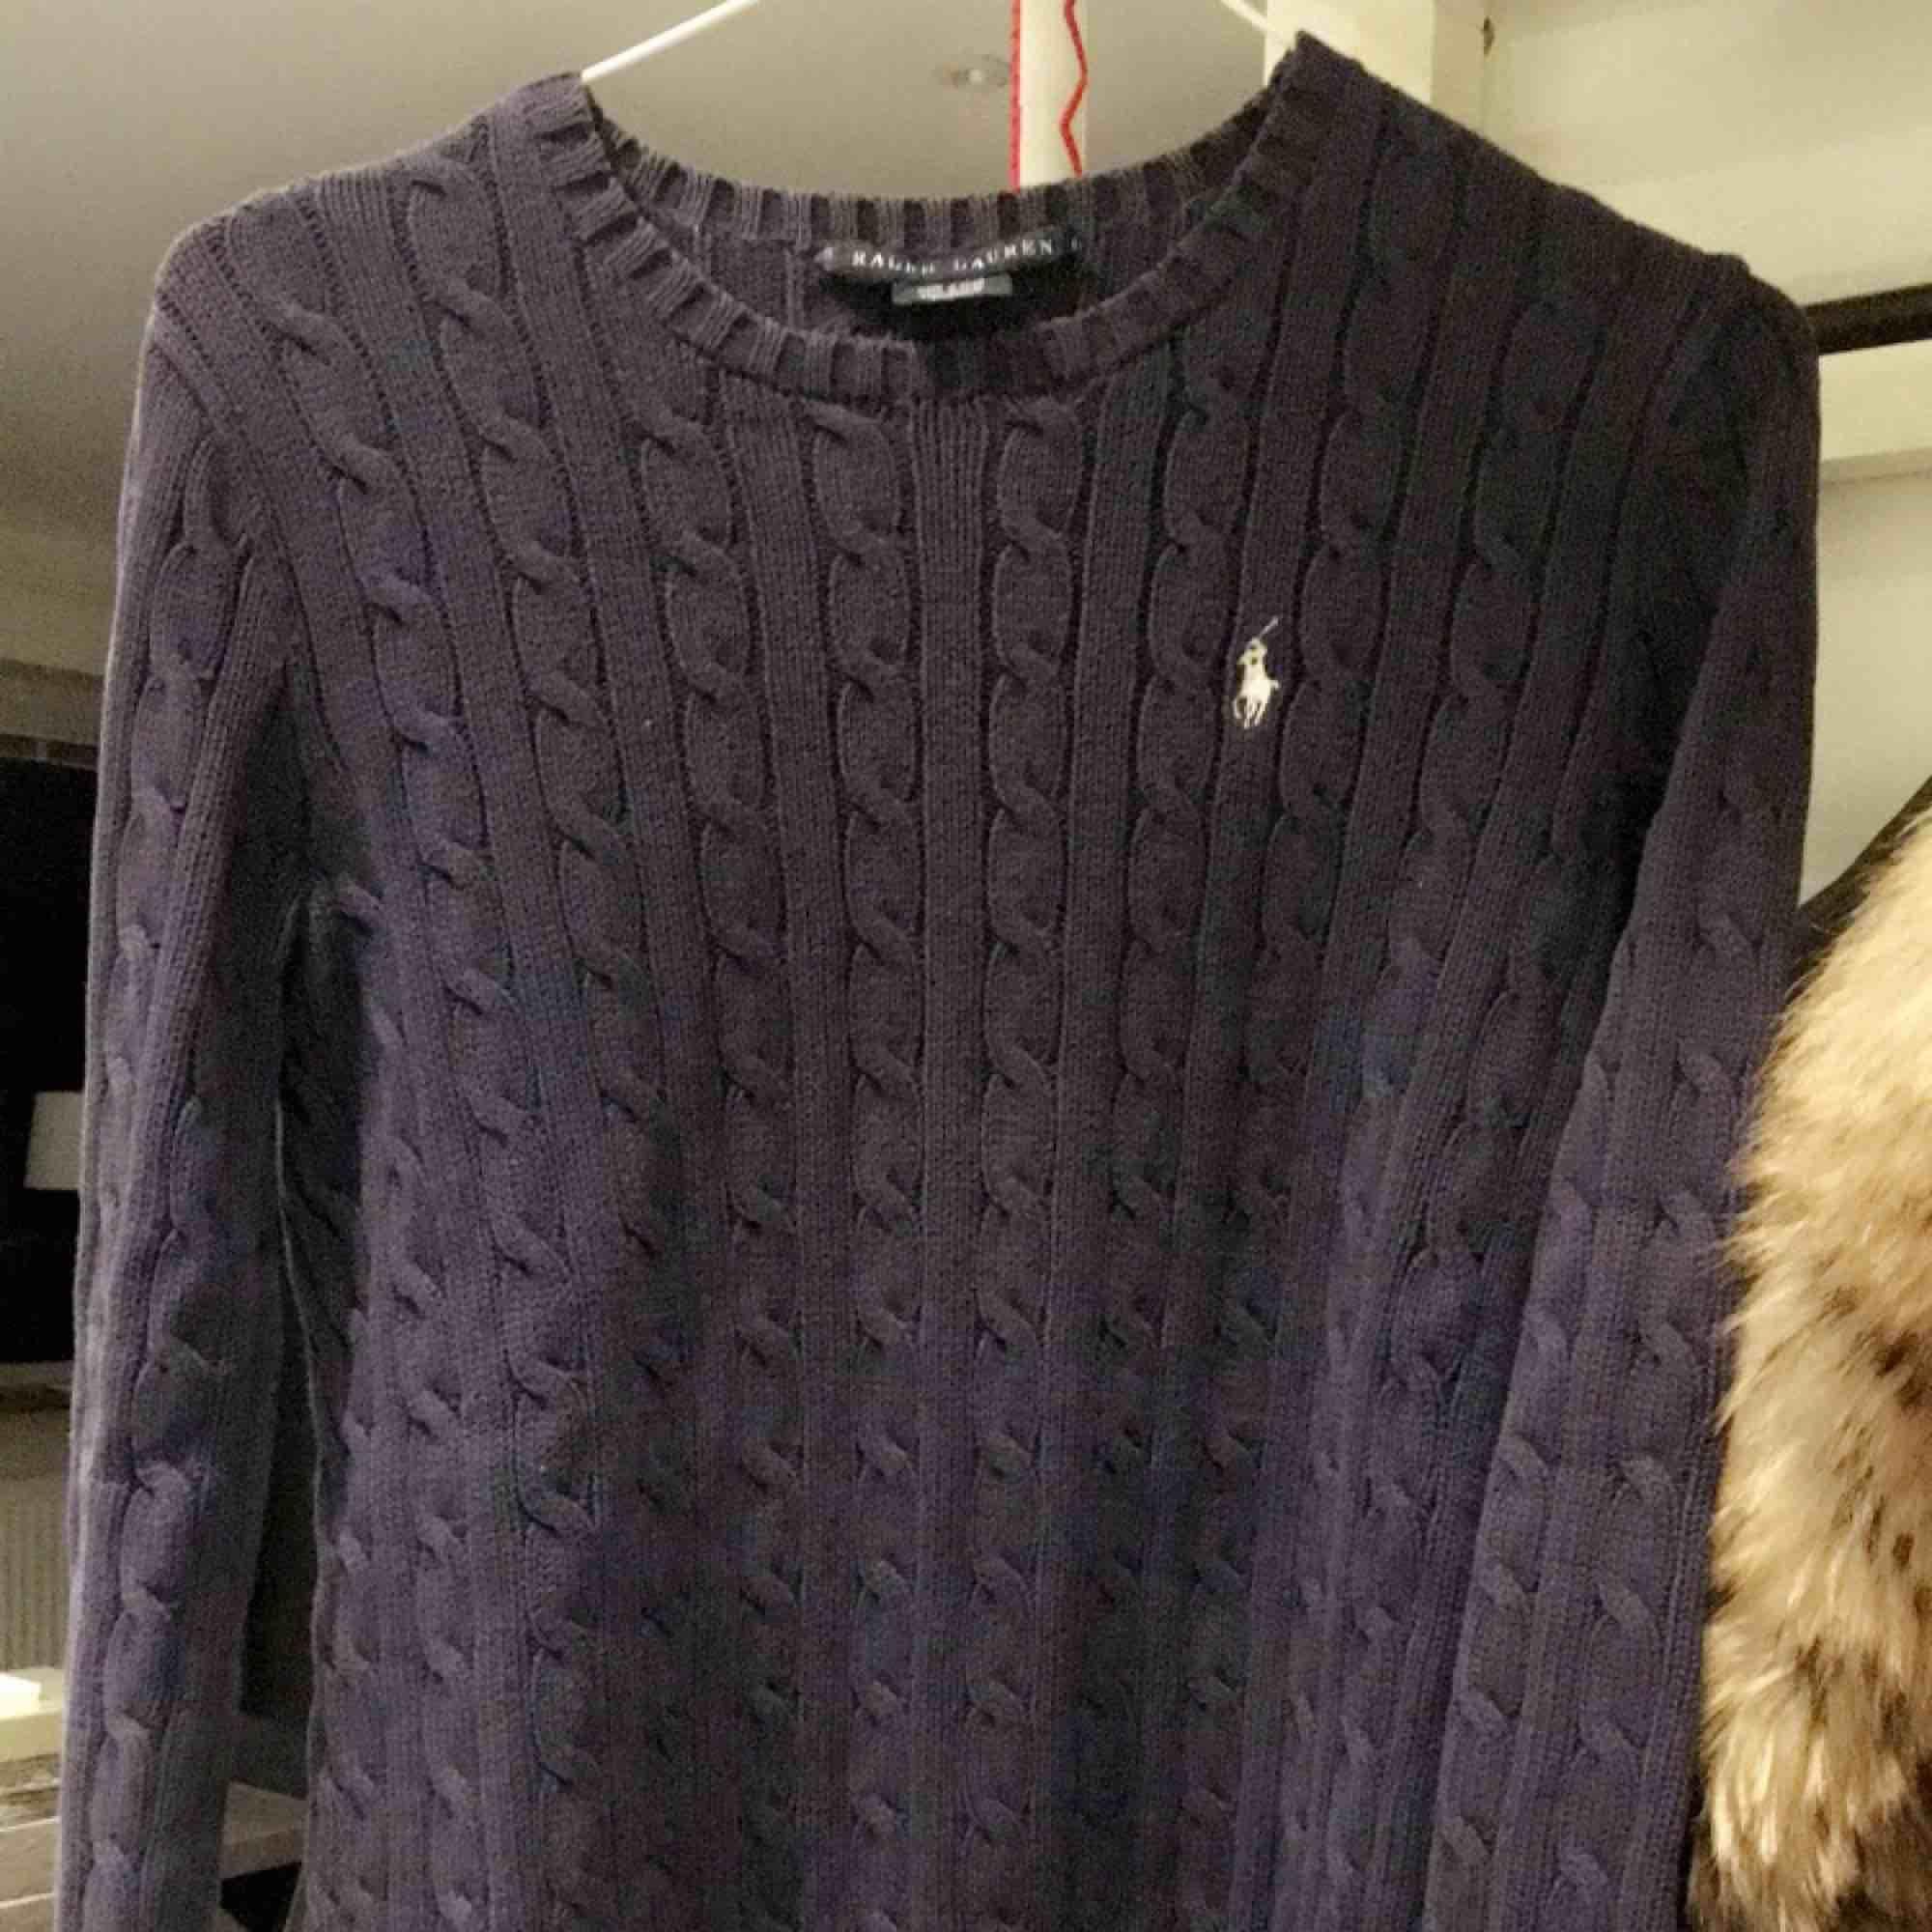 Säljer nu min marinblåa kabelstickade tröja från Ralph lauren då den aldrig kommer till användning, tyvärr! 400kr plus frakt, skickar gärna spårbart så frakten ligger på 58kr, pris går att diskutera vid snabb affär! . Stickat.